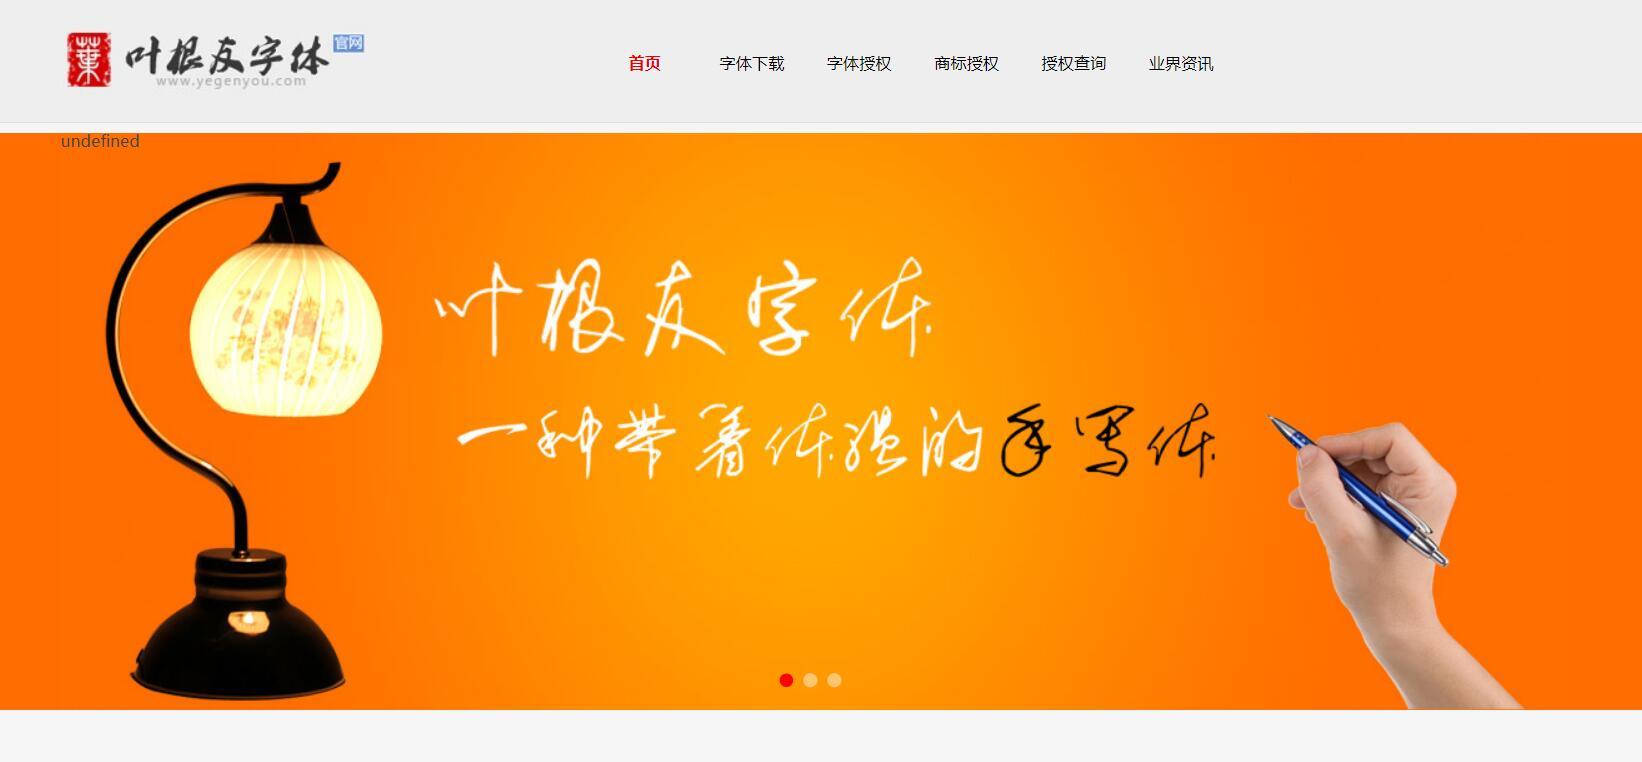 叶根友字体官方网站